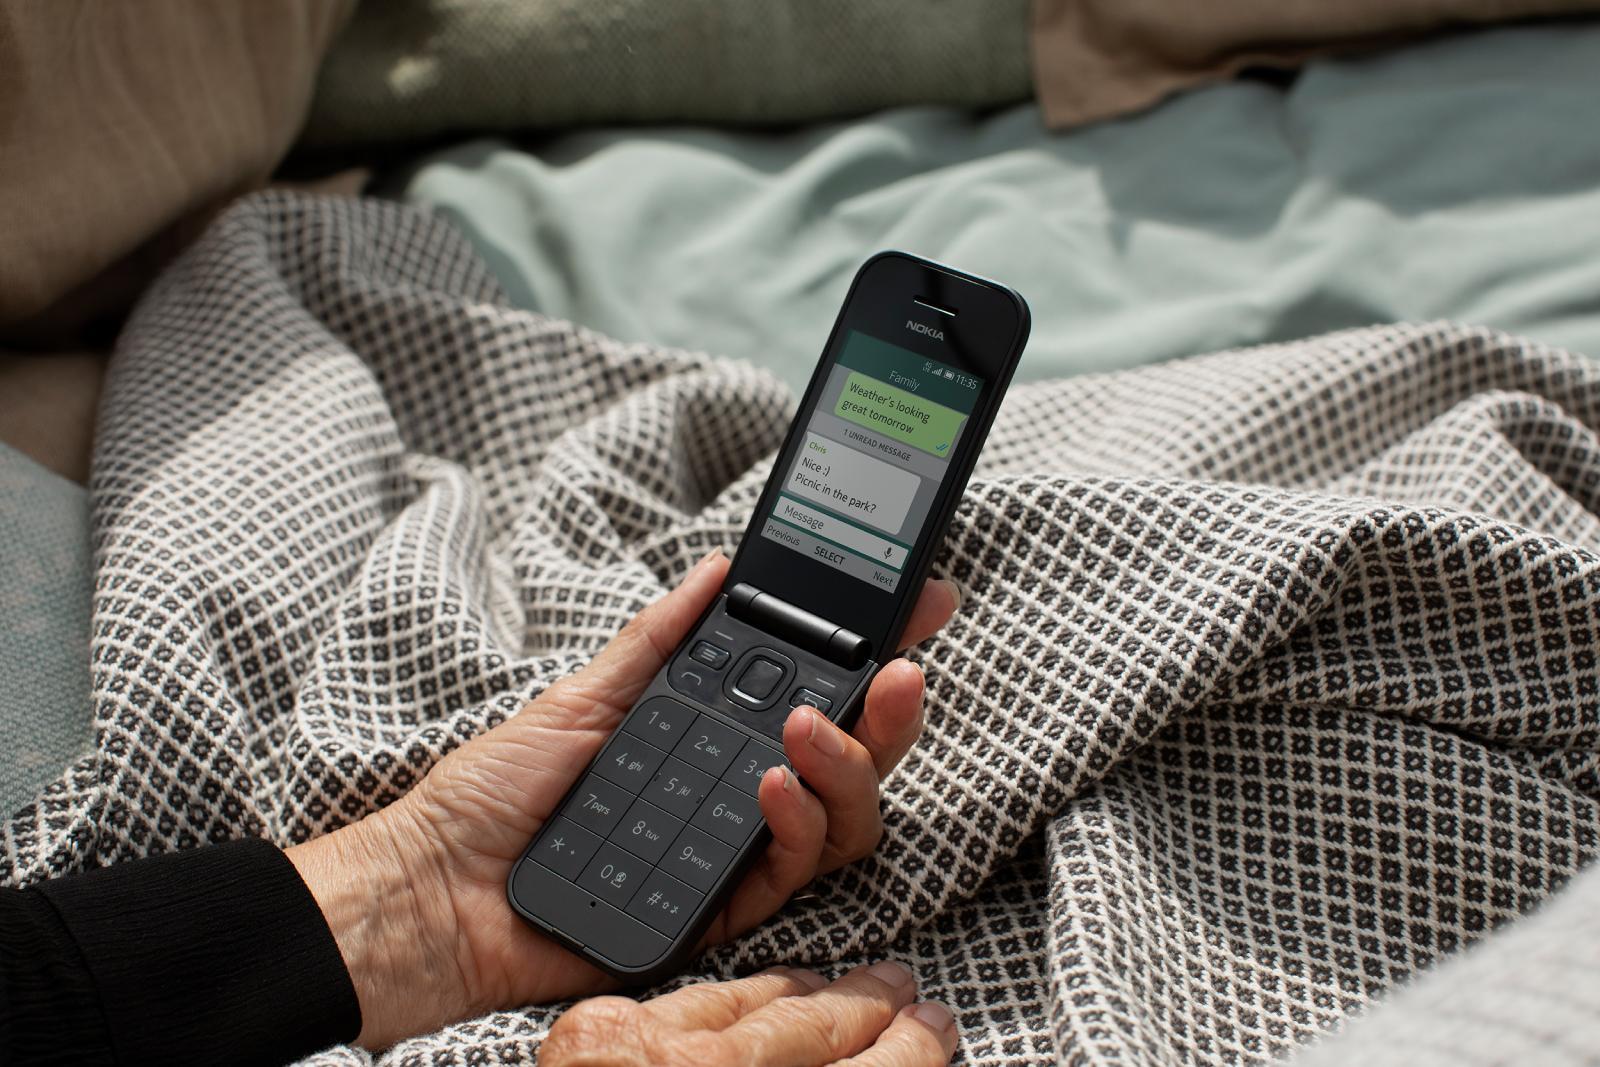 Nokia 2720 4G